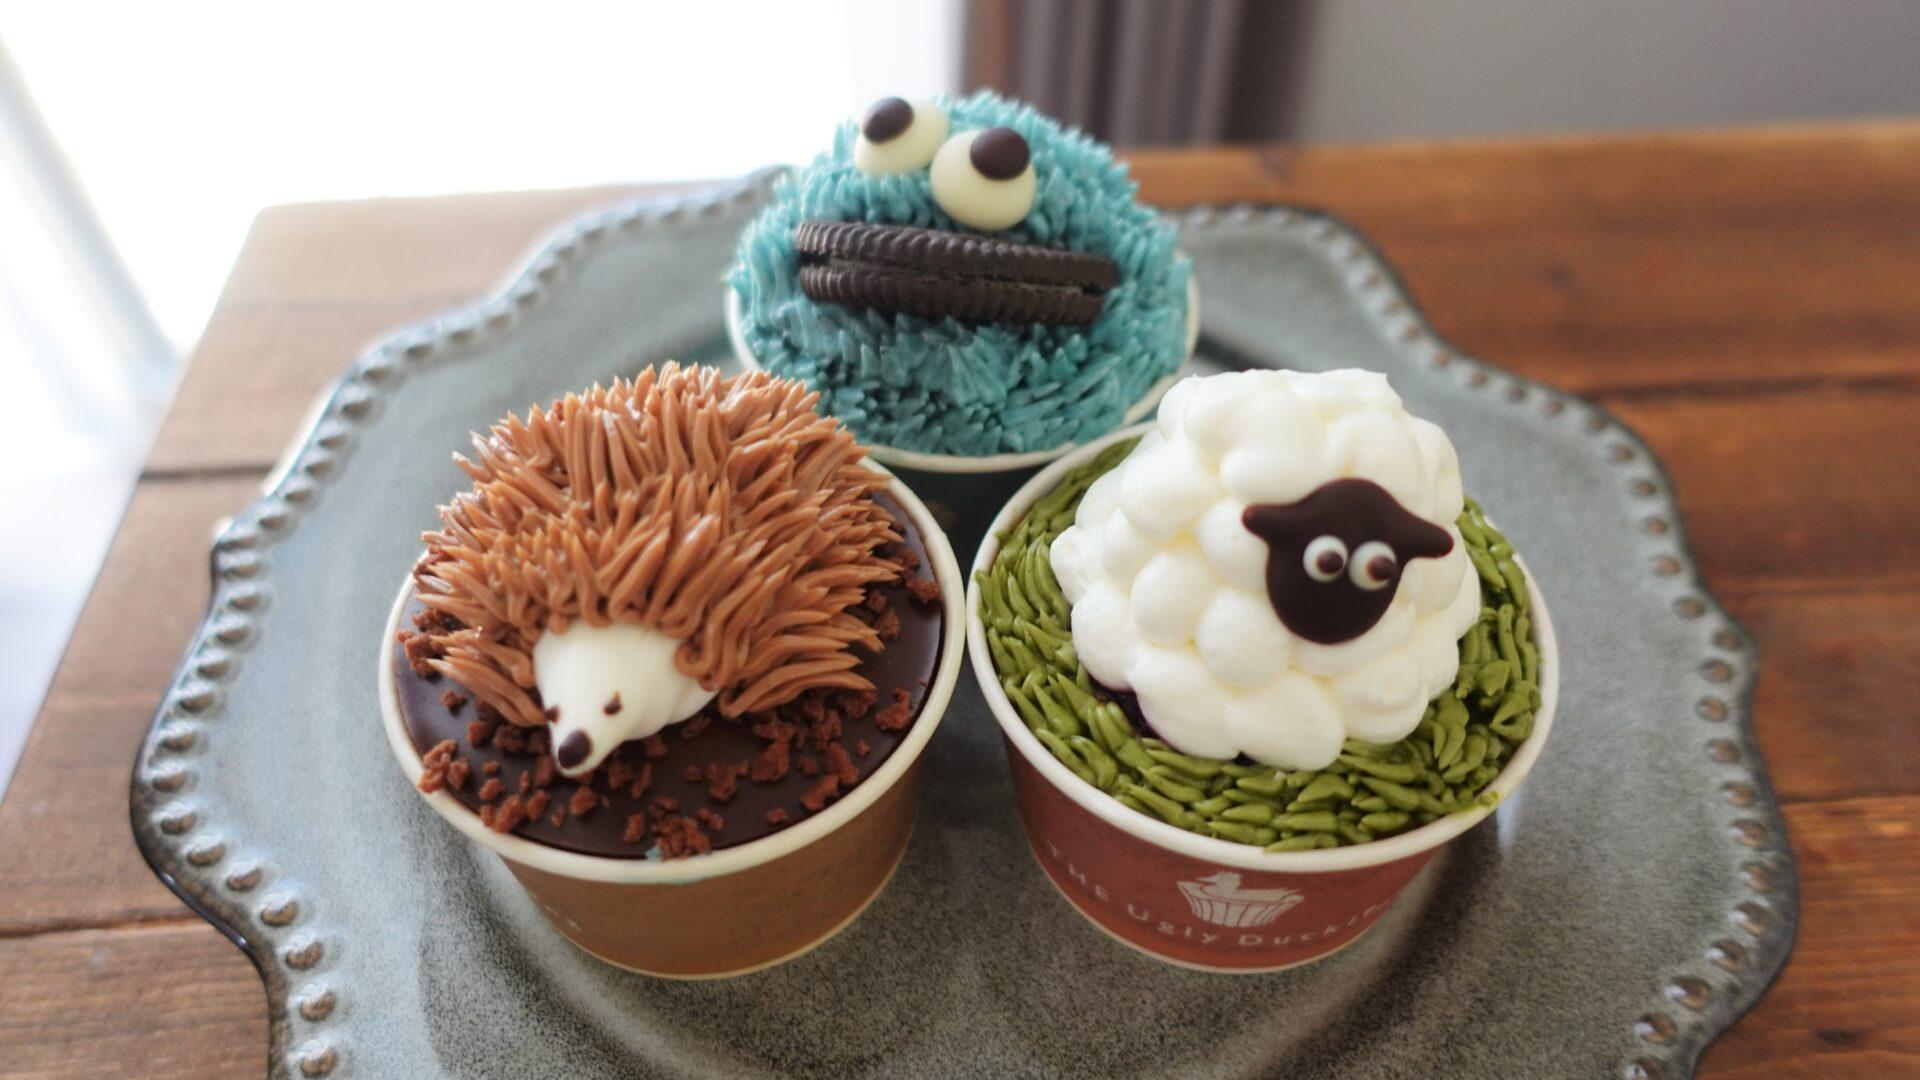 新潟市中央区ビルボードプレイス内に新しくOPENしたカップケーキ専門店「THE Ugly Duckling」に行ってきた!